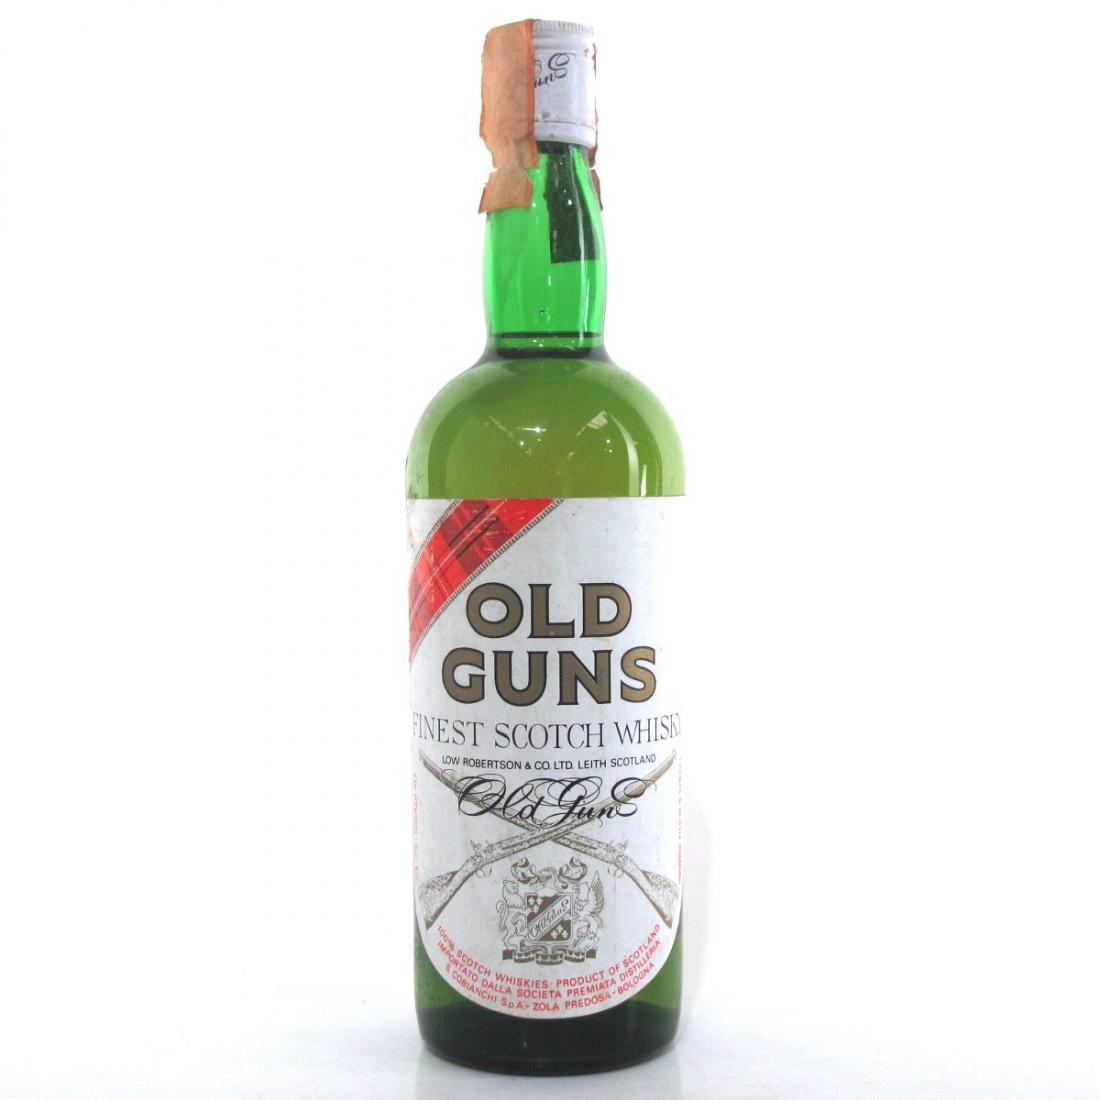 Old Guns Finest Scotch Whisky 1980s